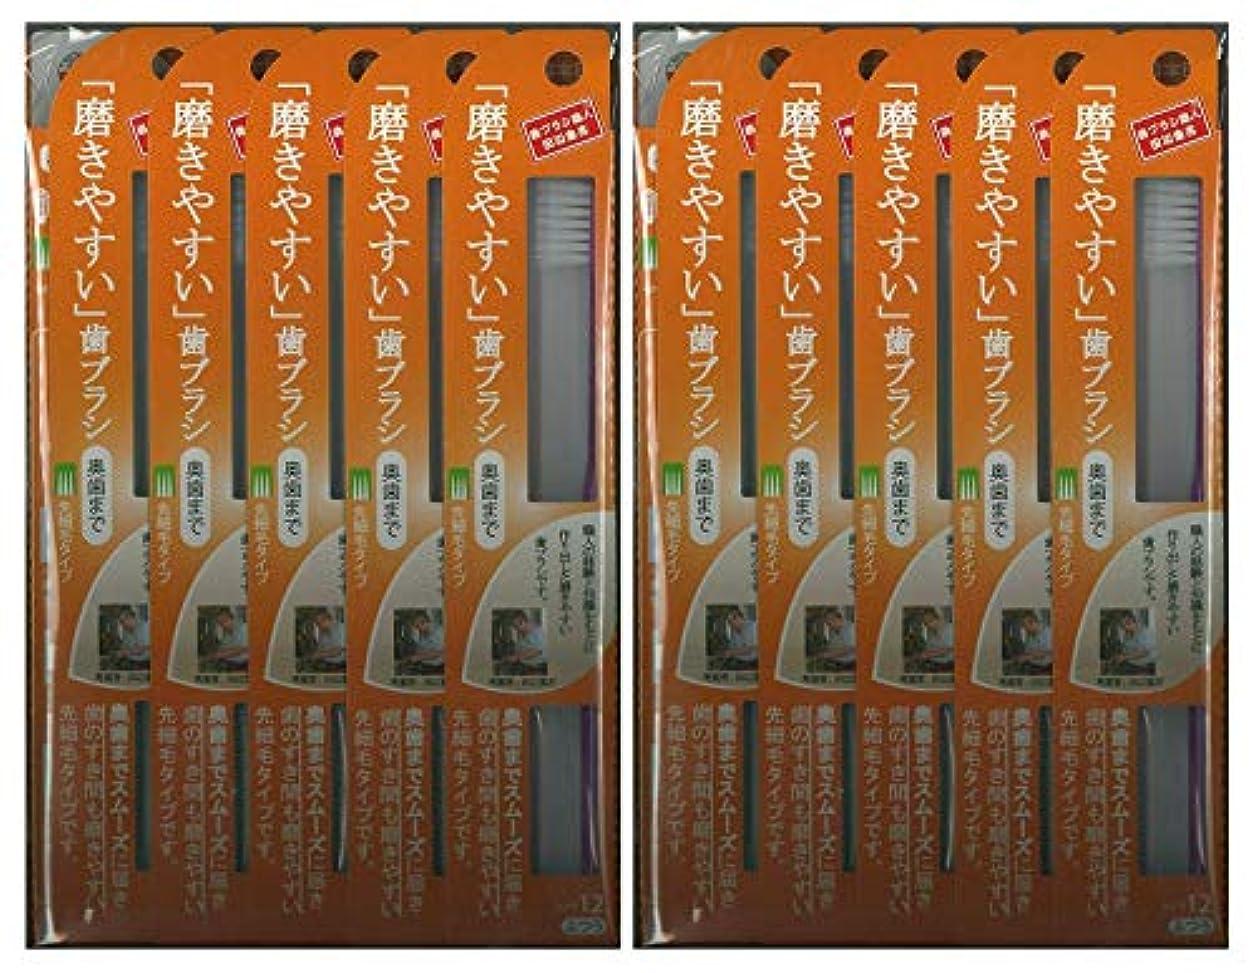 アルミニウム化学薬品印象的な歯ブラシ職人 田辺重吉考案 磨きやすい歯ブラシ ふつう (奥歯まで)先細 LT-12 1本入×24本セット